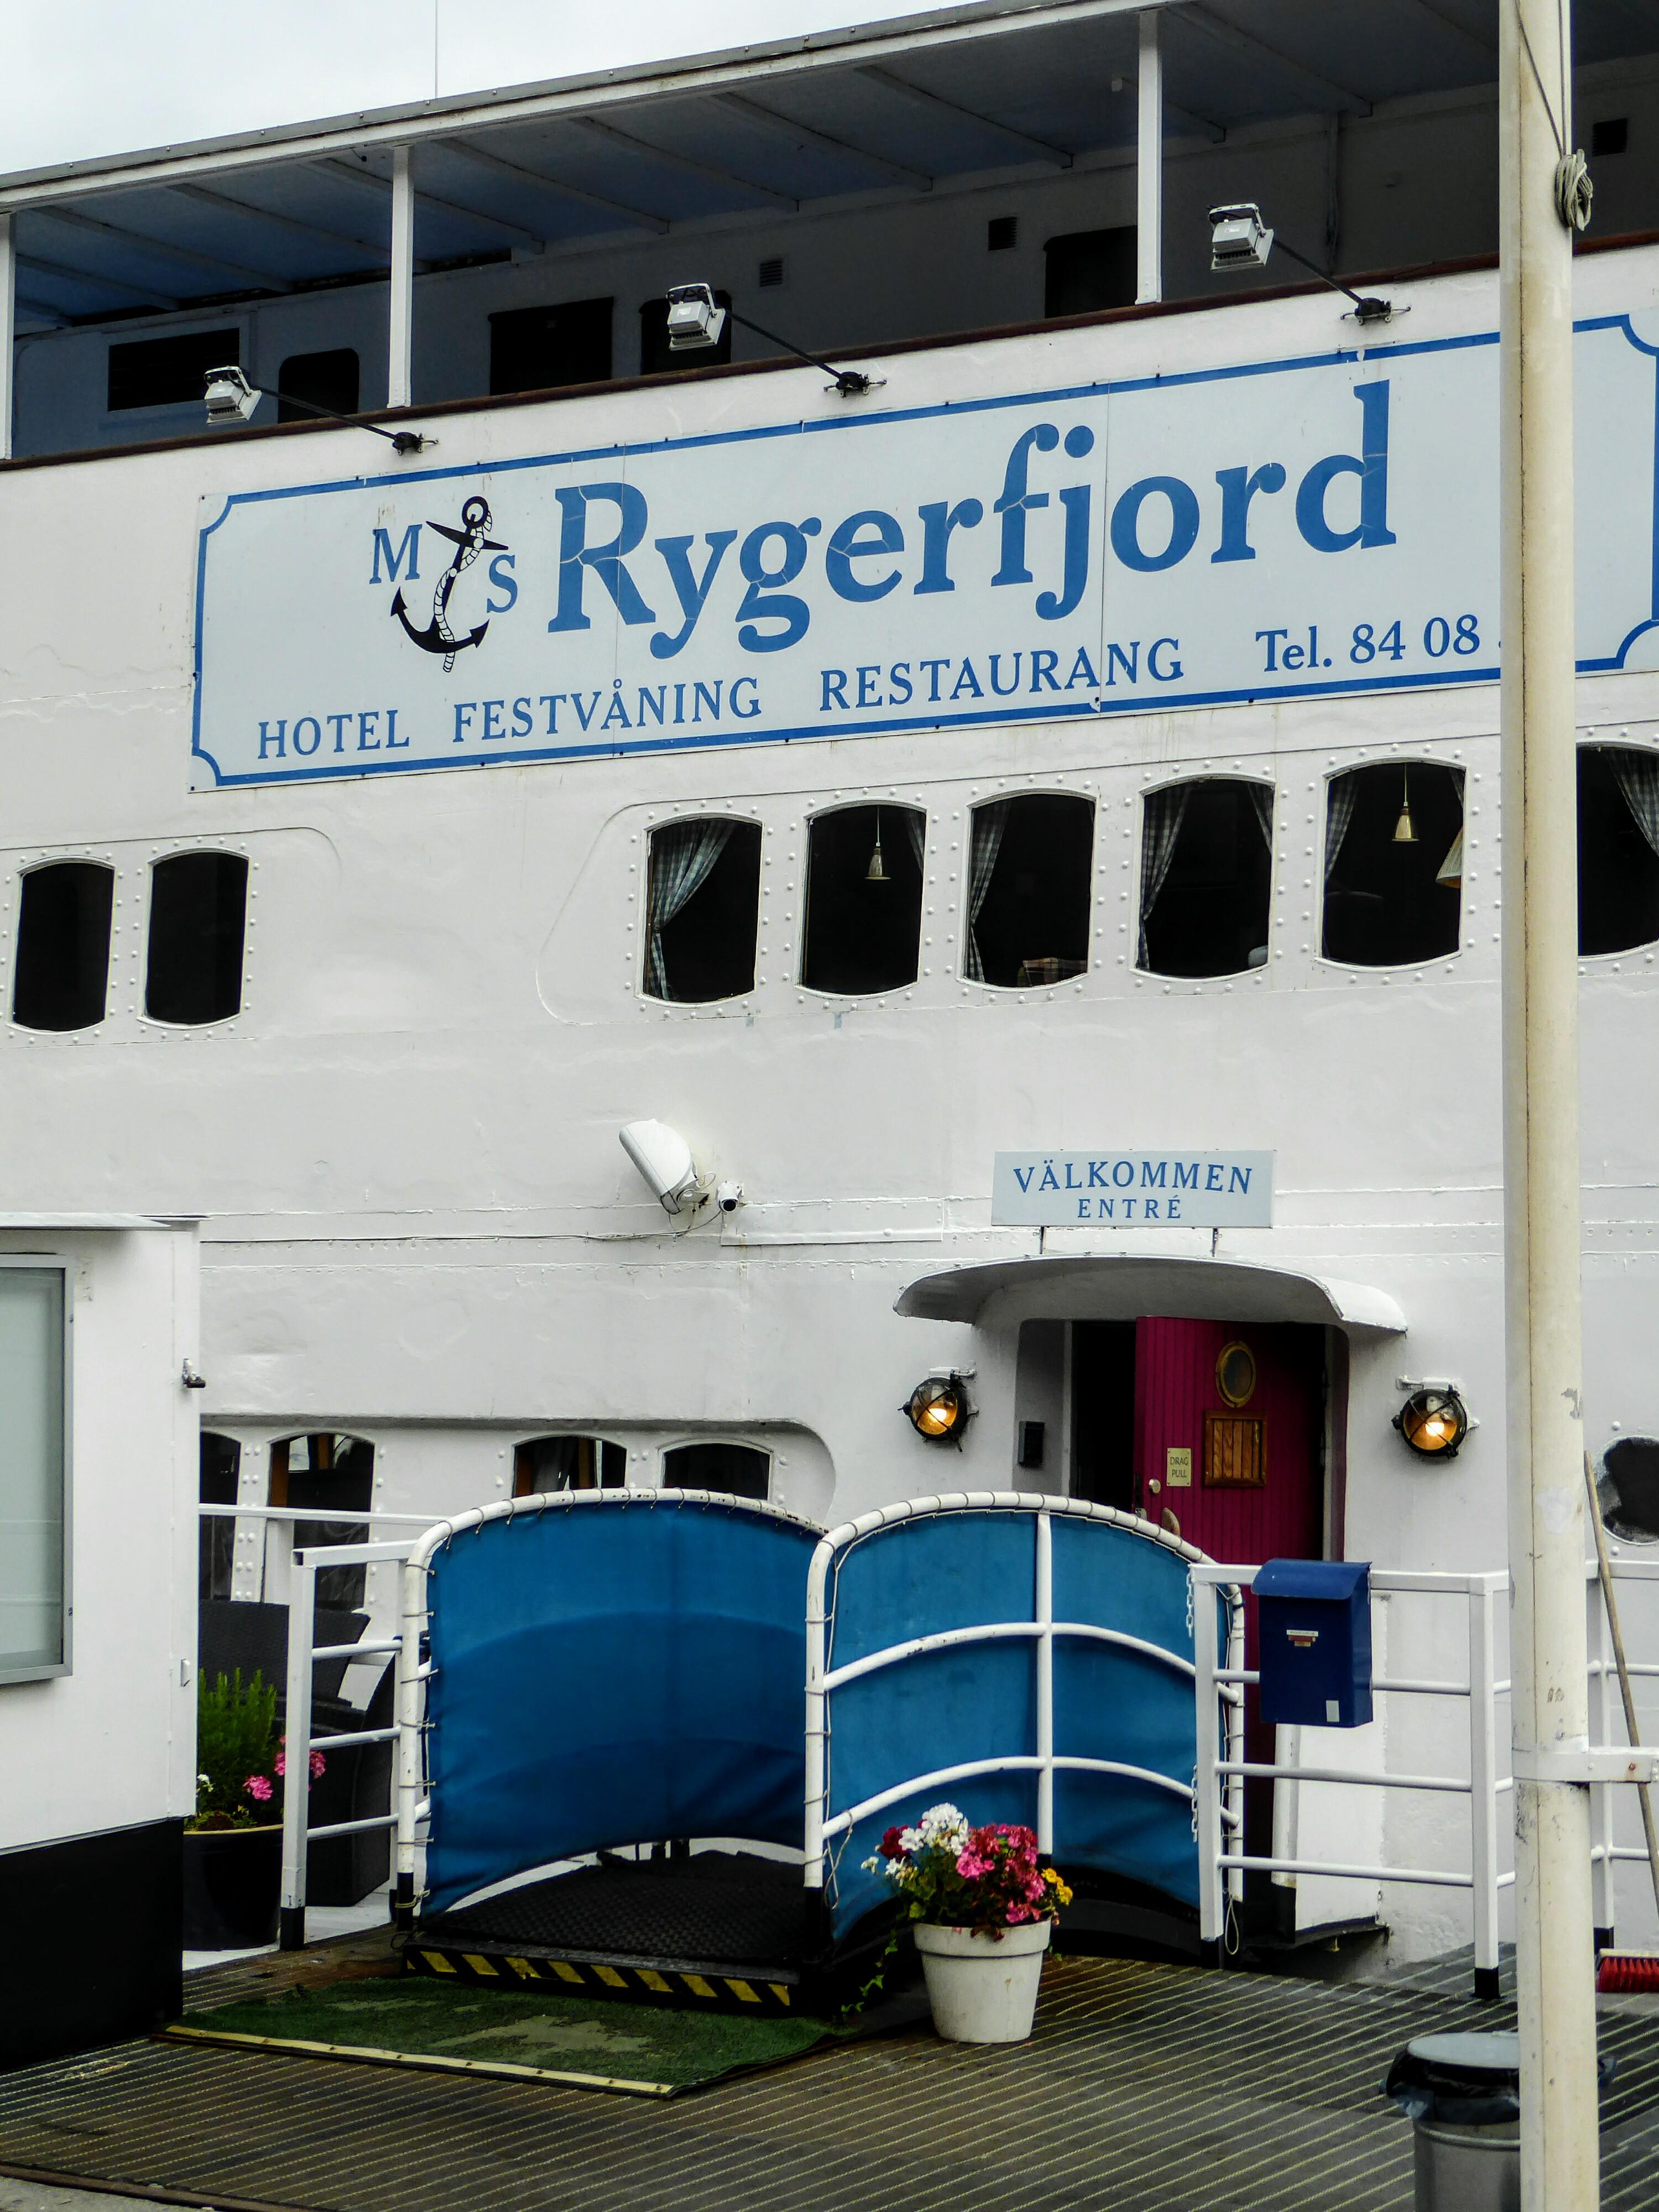 Rygerfjord -Stockholm - Sweden